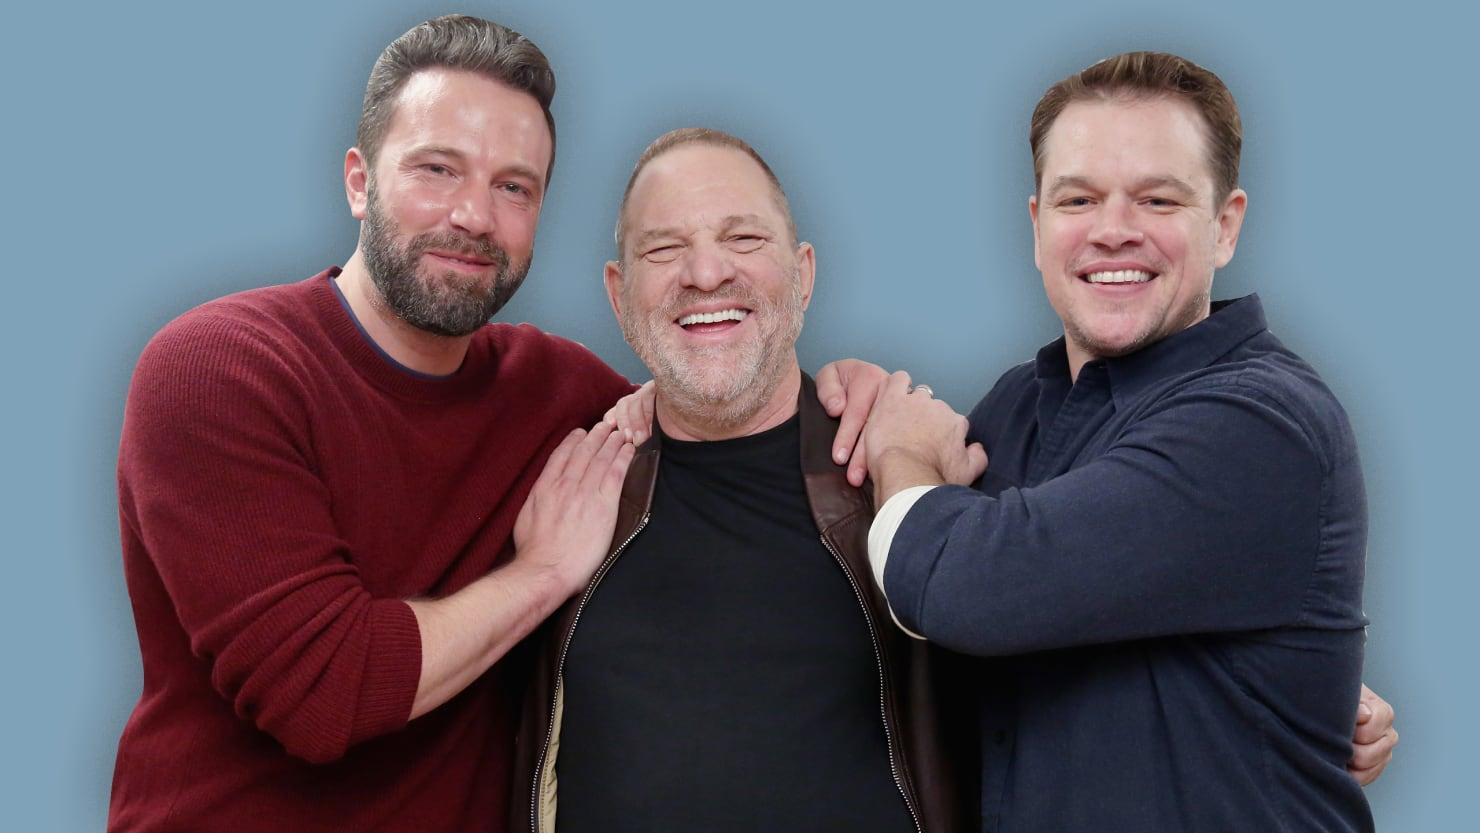 Ben Affleck, Harvey Weinstein, Matt Damon Credit: The Daily Beast